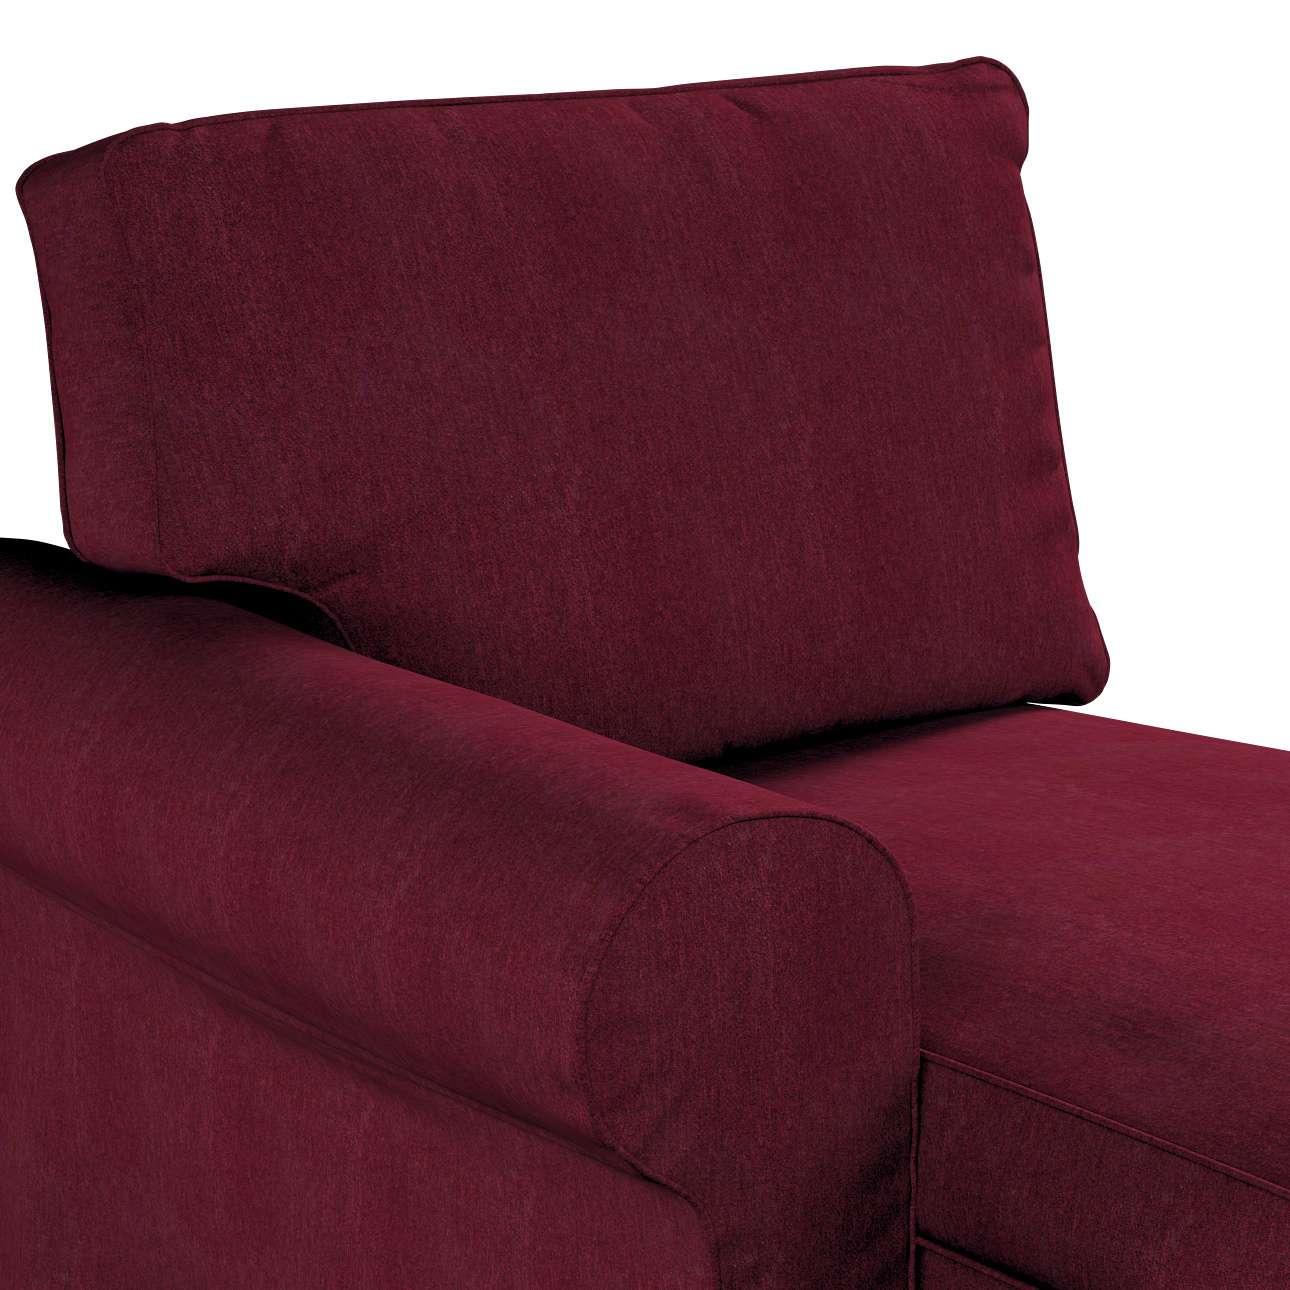 Ektorp gulimojo krėslo užvalkalas (su porankiu, kairiojo) kolekcijoje Chenille, audinys: 702-19